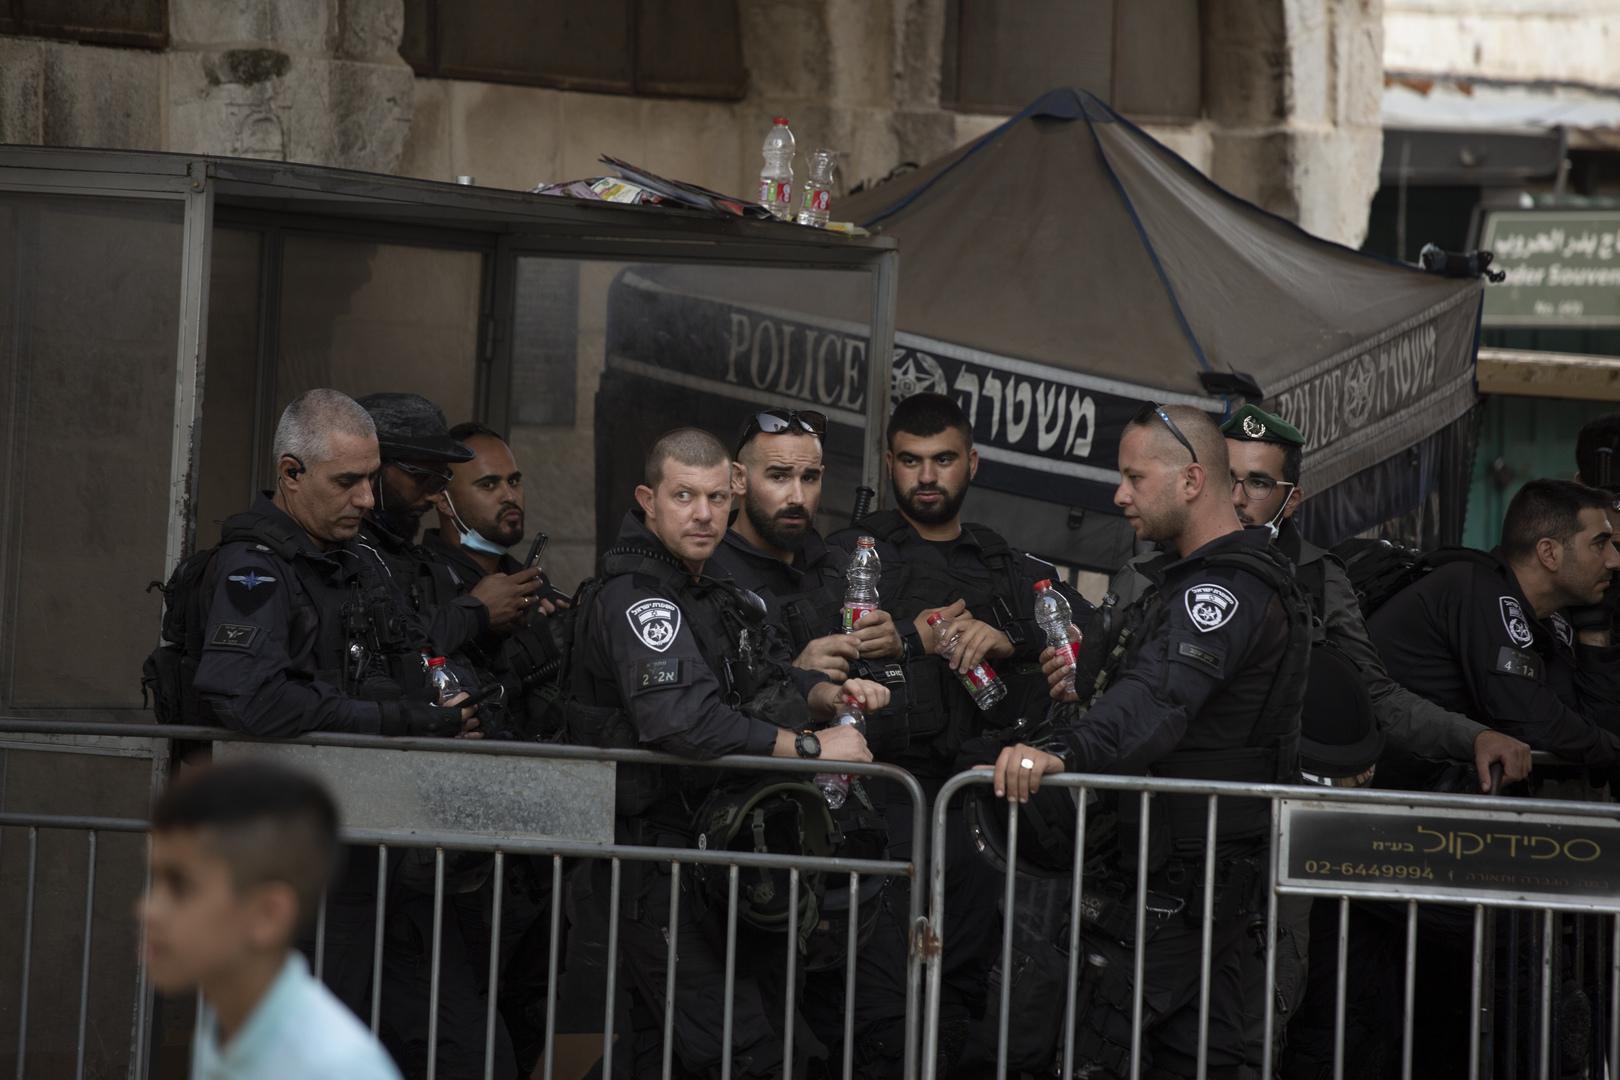 الجيش الإسرائيلي يرفع حالة التأهب في الضفة الغربية